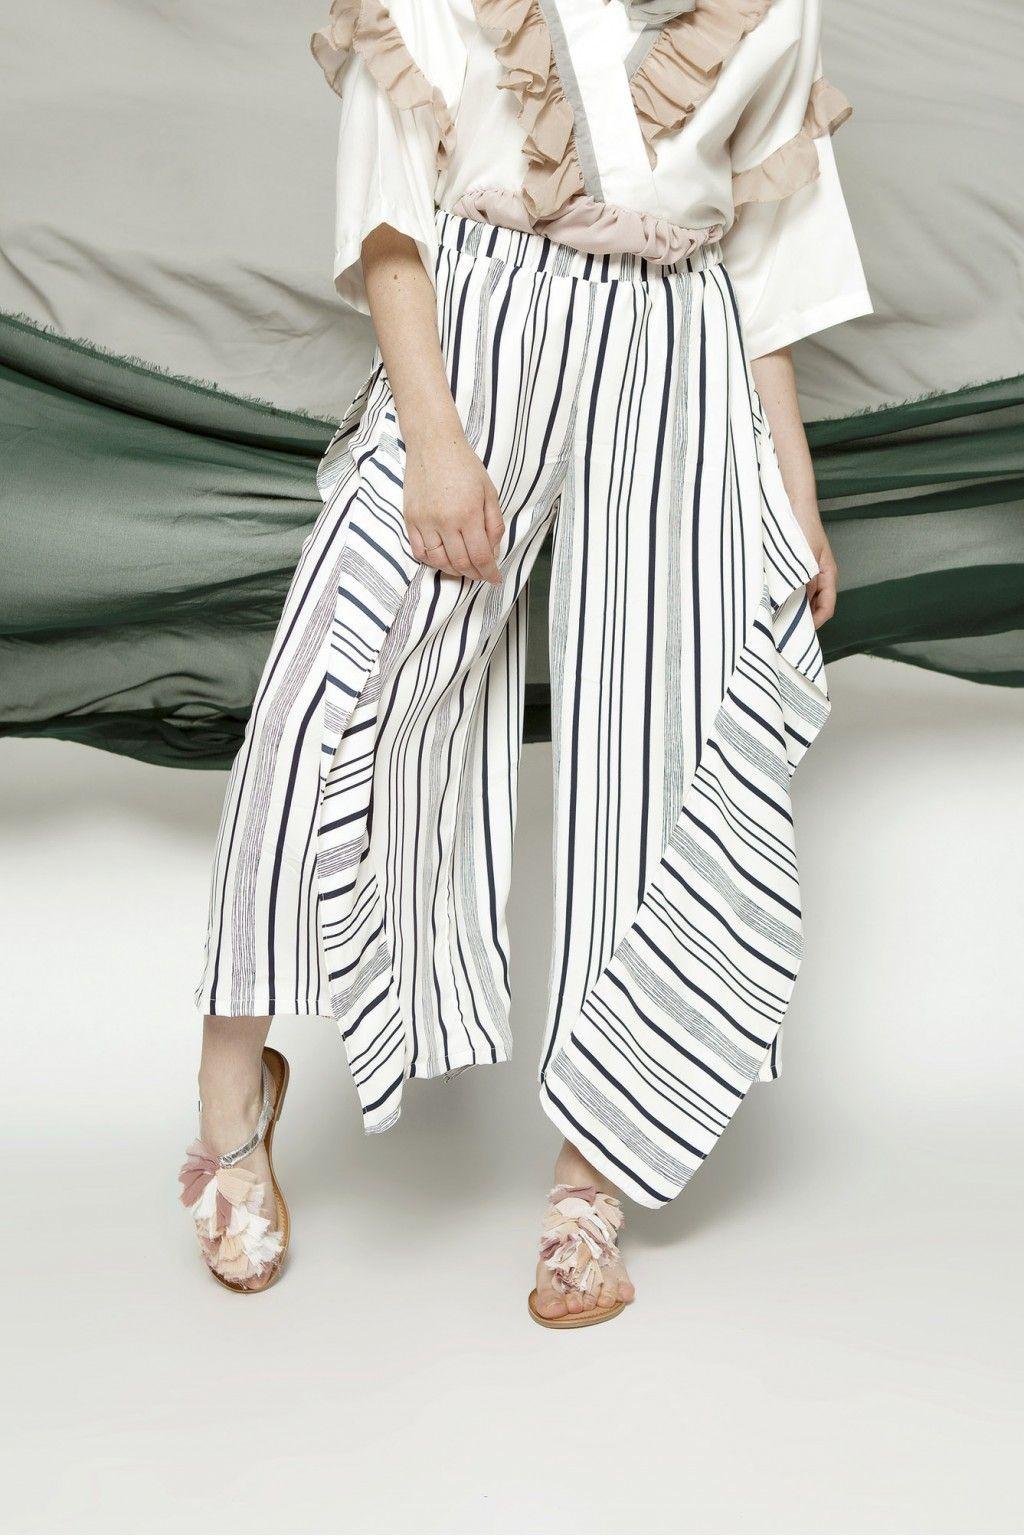 #PopbelaOOTD: Rekomendasi Celana Motif Chic yang Anti-Boring!